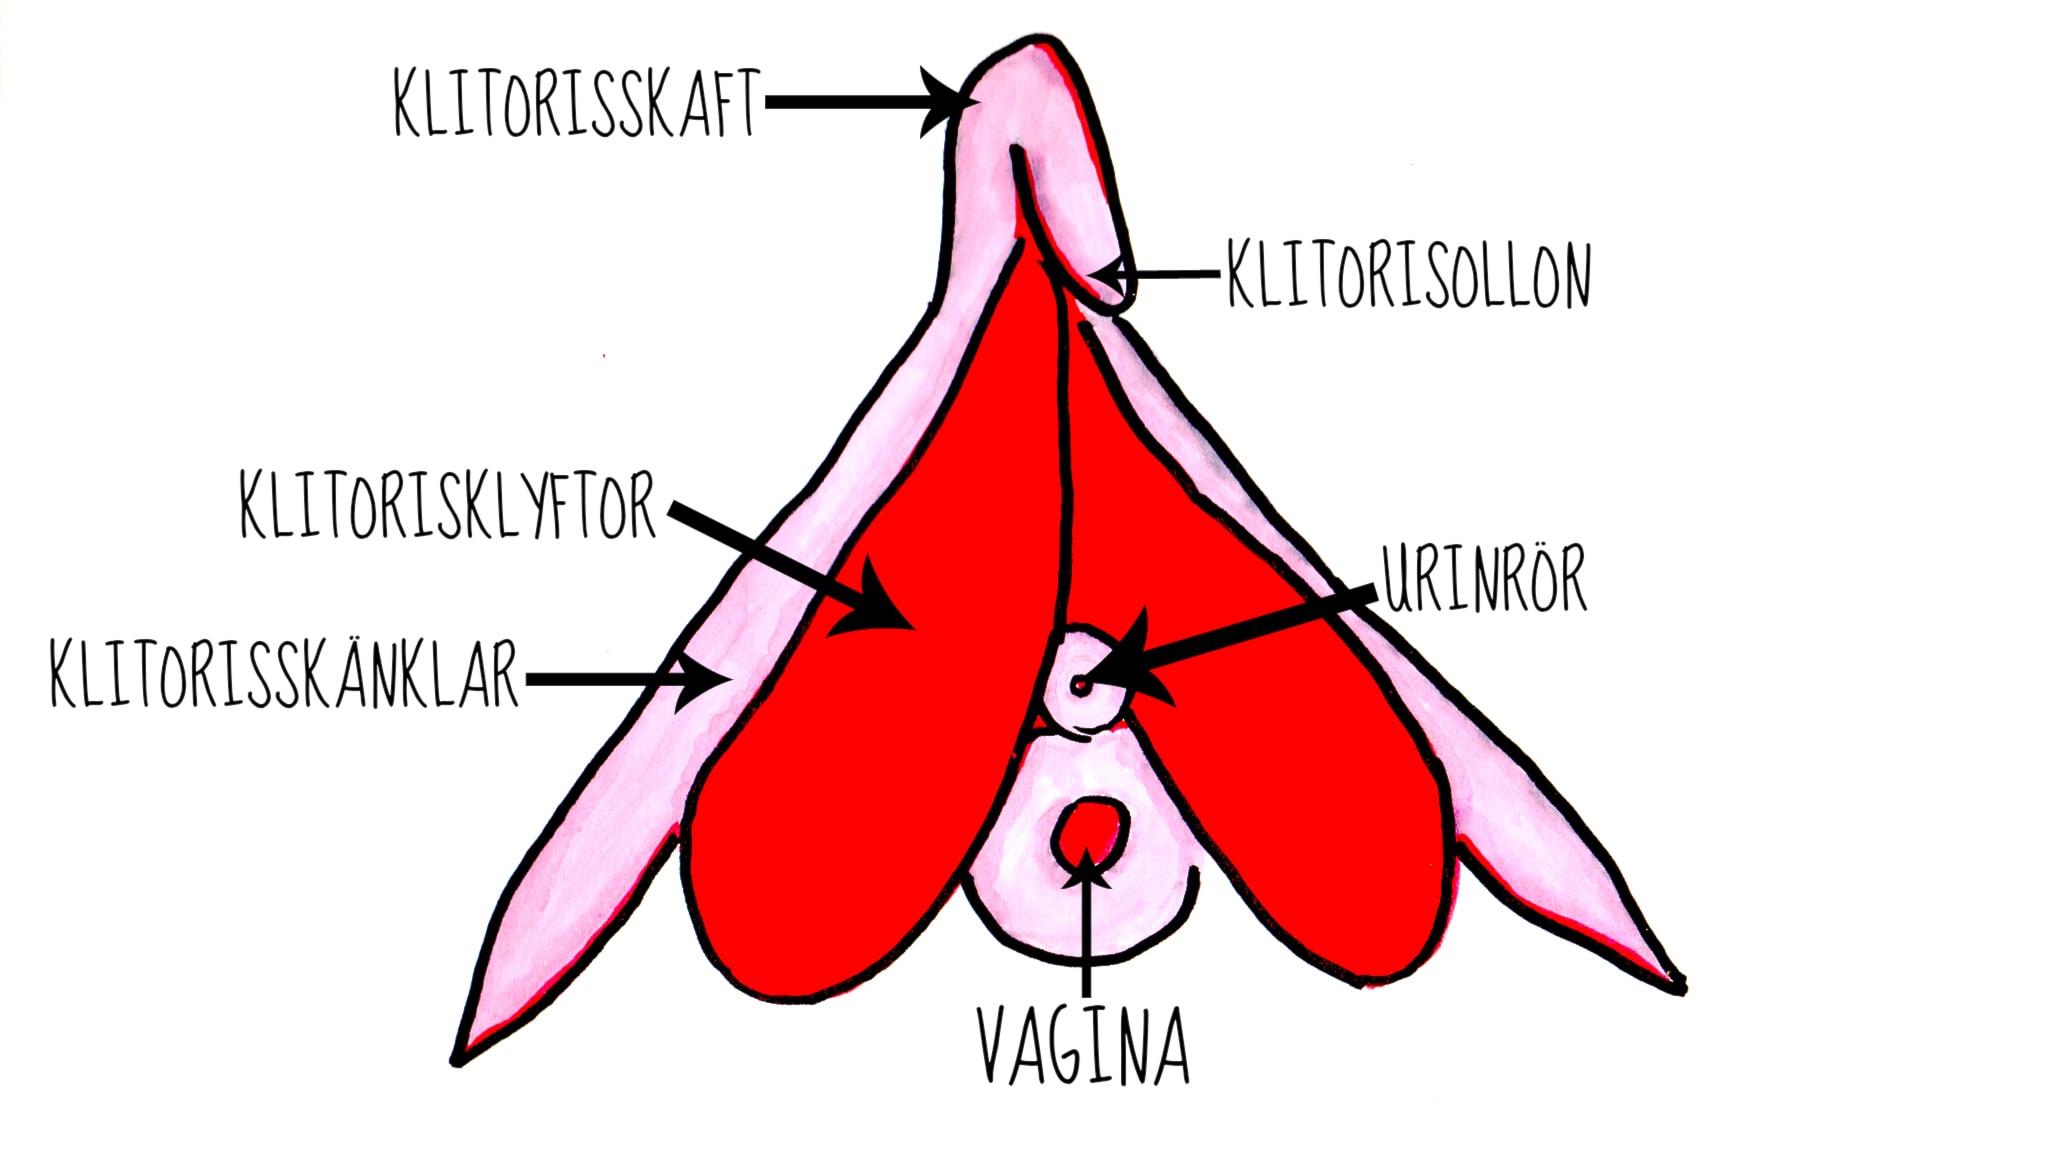 Allt du behöver kunna om klitoris!